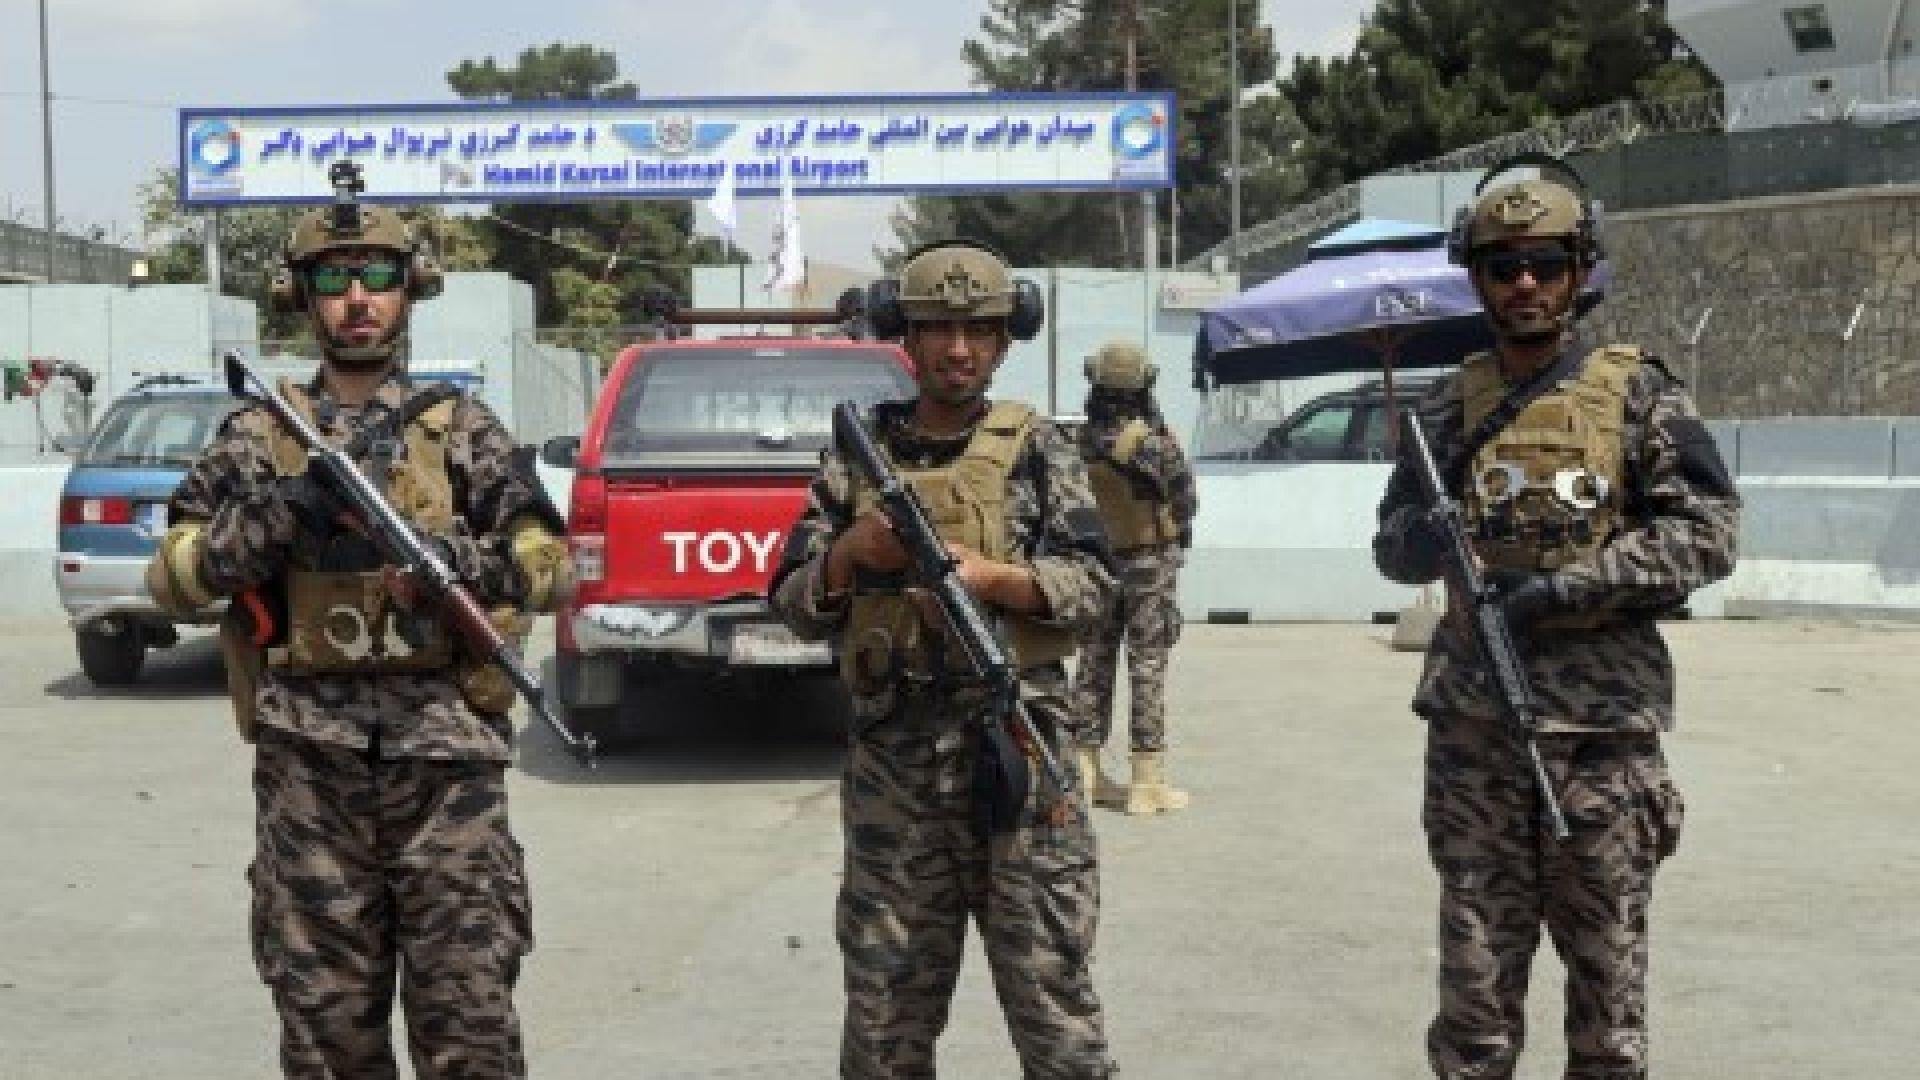 Талибаните обявиха, че са превзели и последната крепост на съпротивата - Панджшер